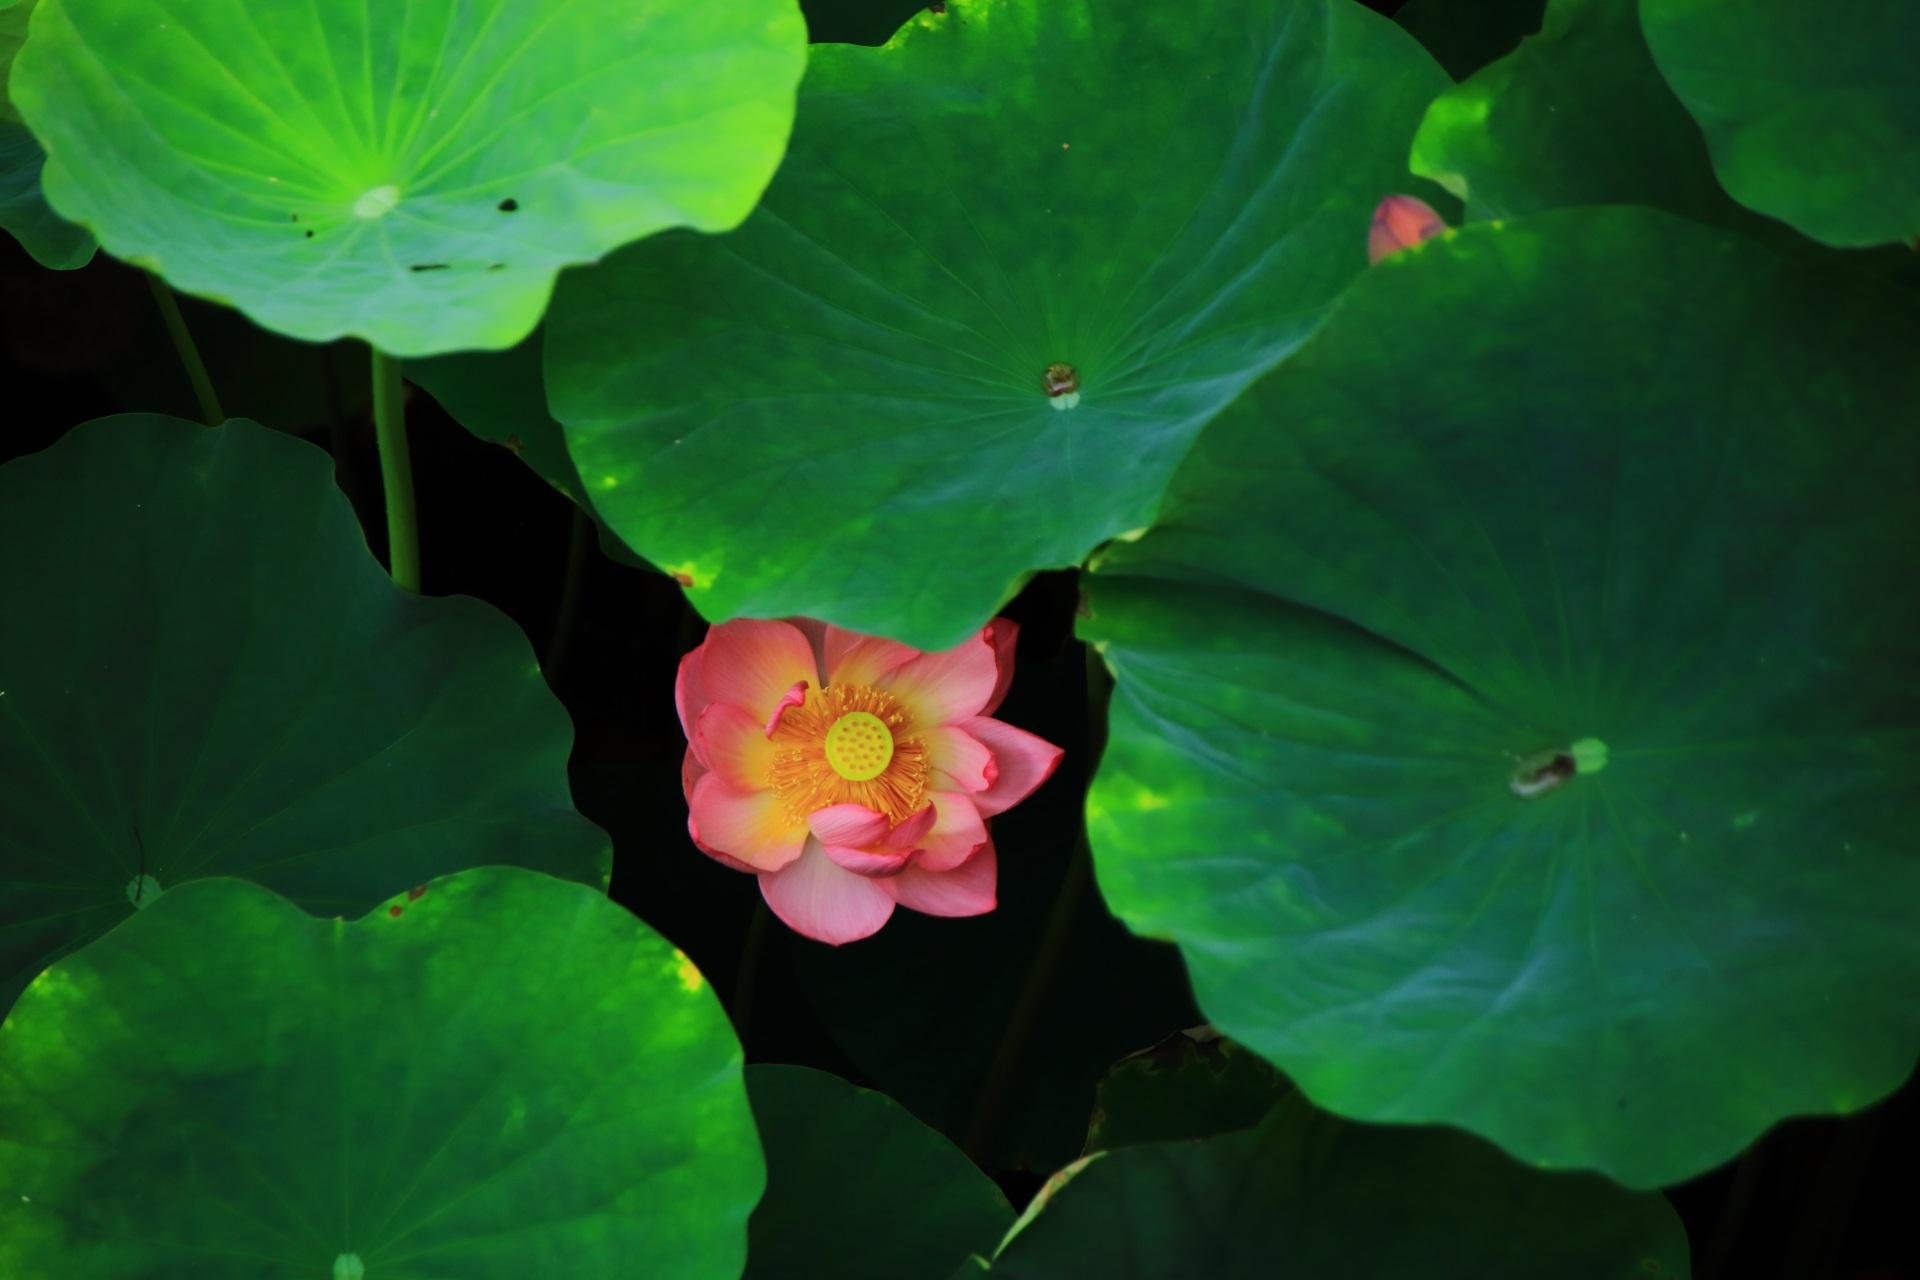 午後には花を閉じる蓮の穴場の大谷本廟